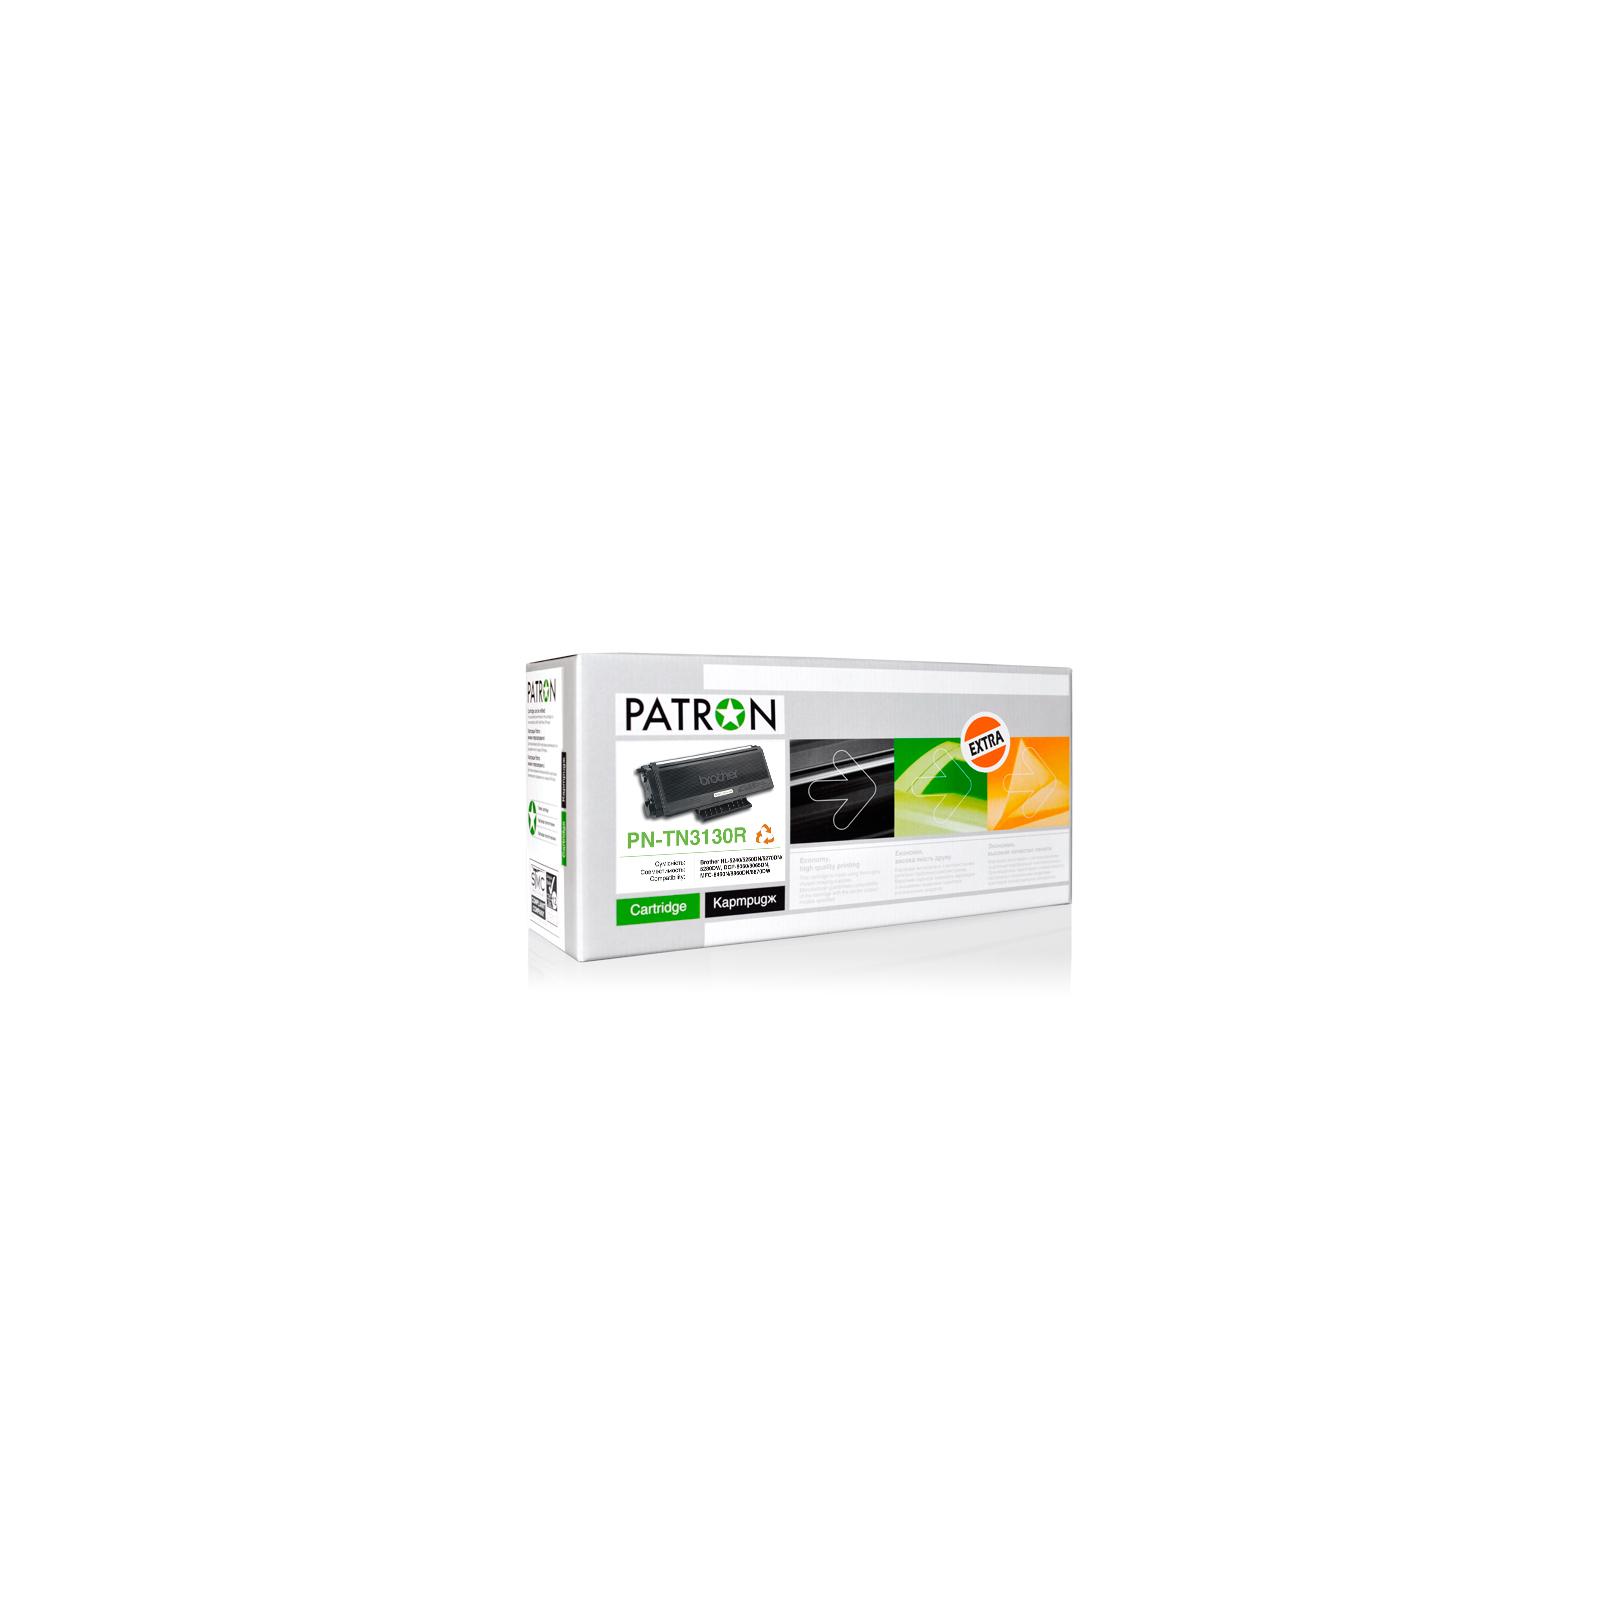 Картридж PATRON BROTHER TN-3130 (PN-TN3130R) Extra (CT-BRO-TN-3130-PN-R)